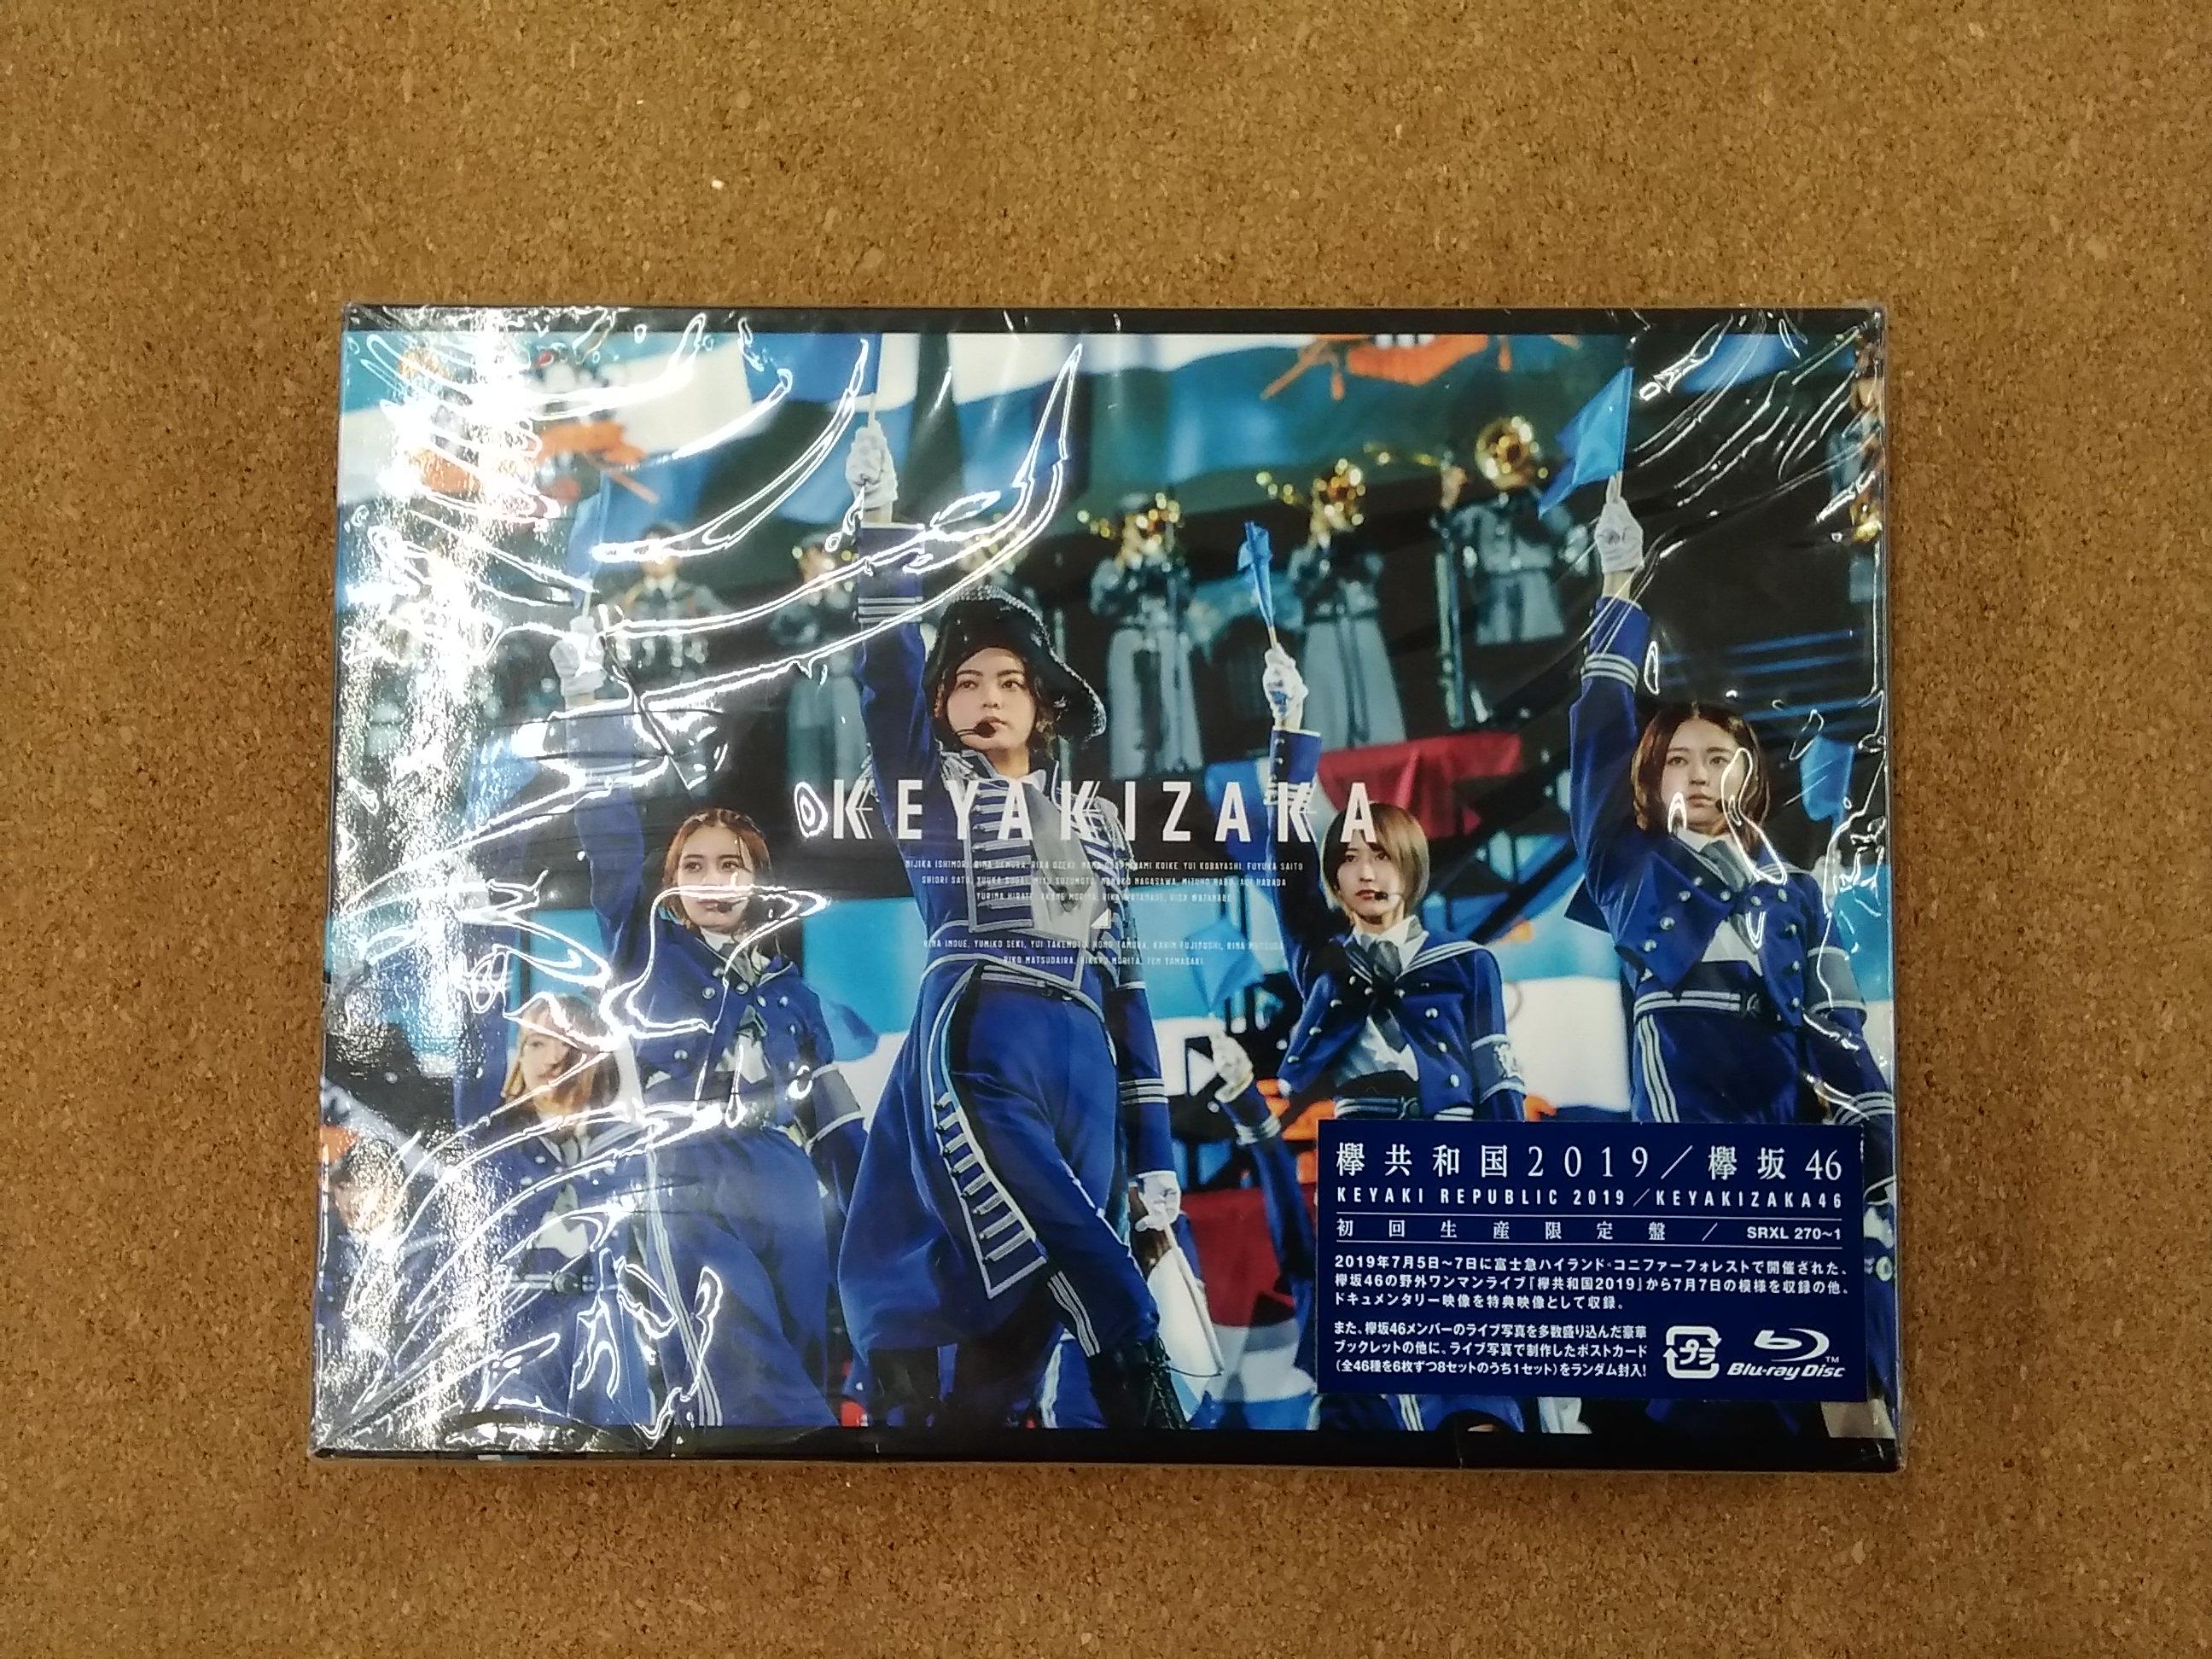 欅共和国2019 欅坂46|ソニー・ミュージックソリューションズ